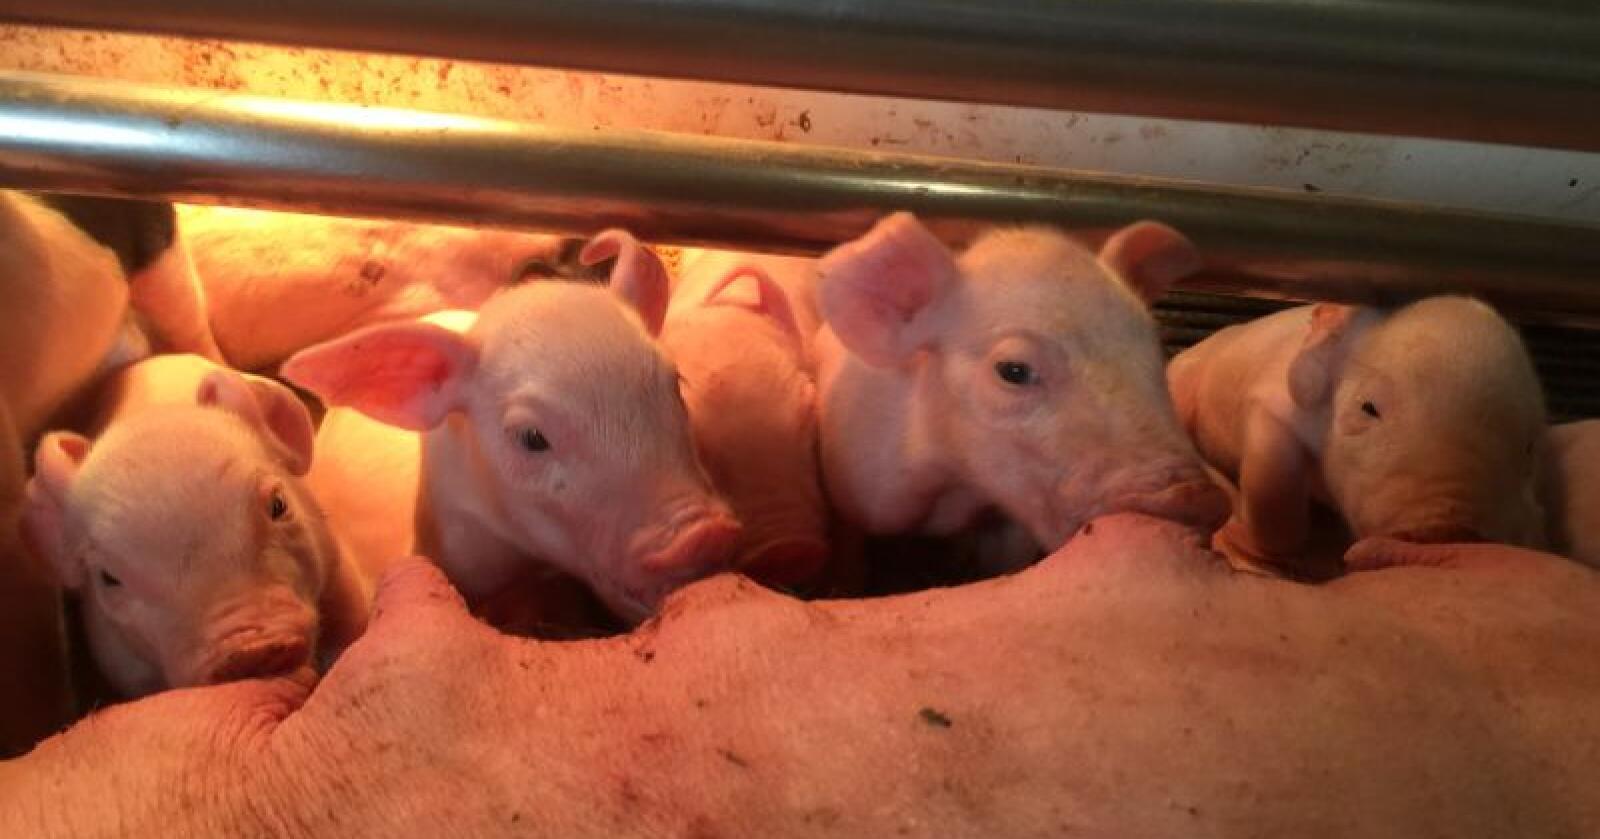 Etter at mer enn 200 000 gris er avlivet i Kina har de nå klart å identifisere at matavfall har vært en av smittekildene til det store utbruddet av afrikansk svinefeber. Illustrasjonsfoto.